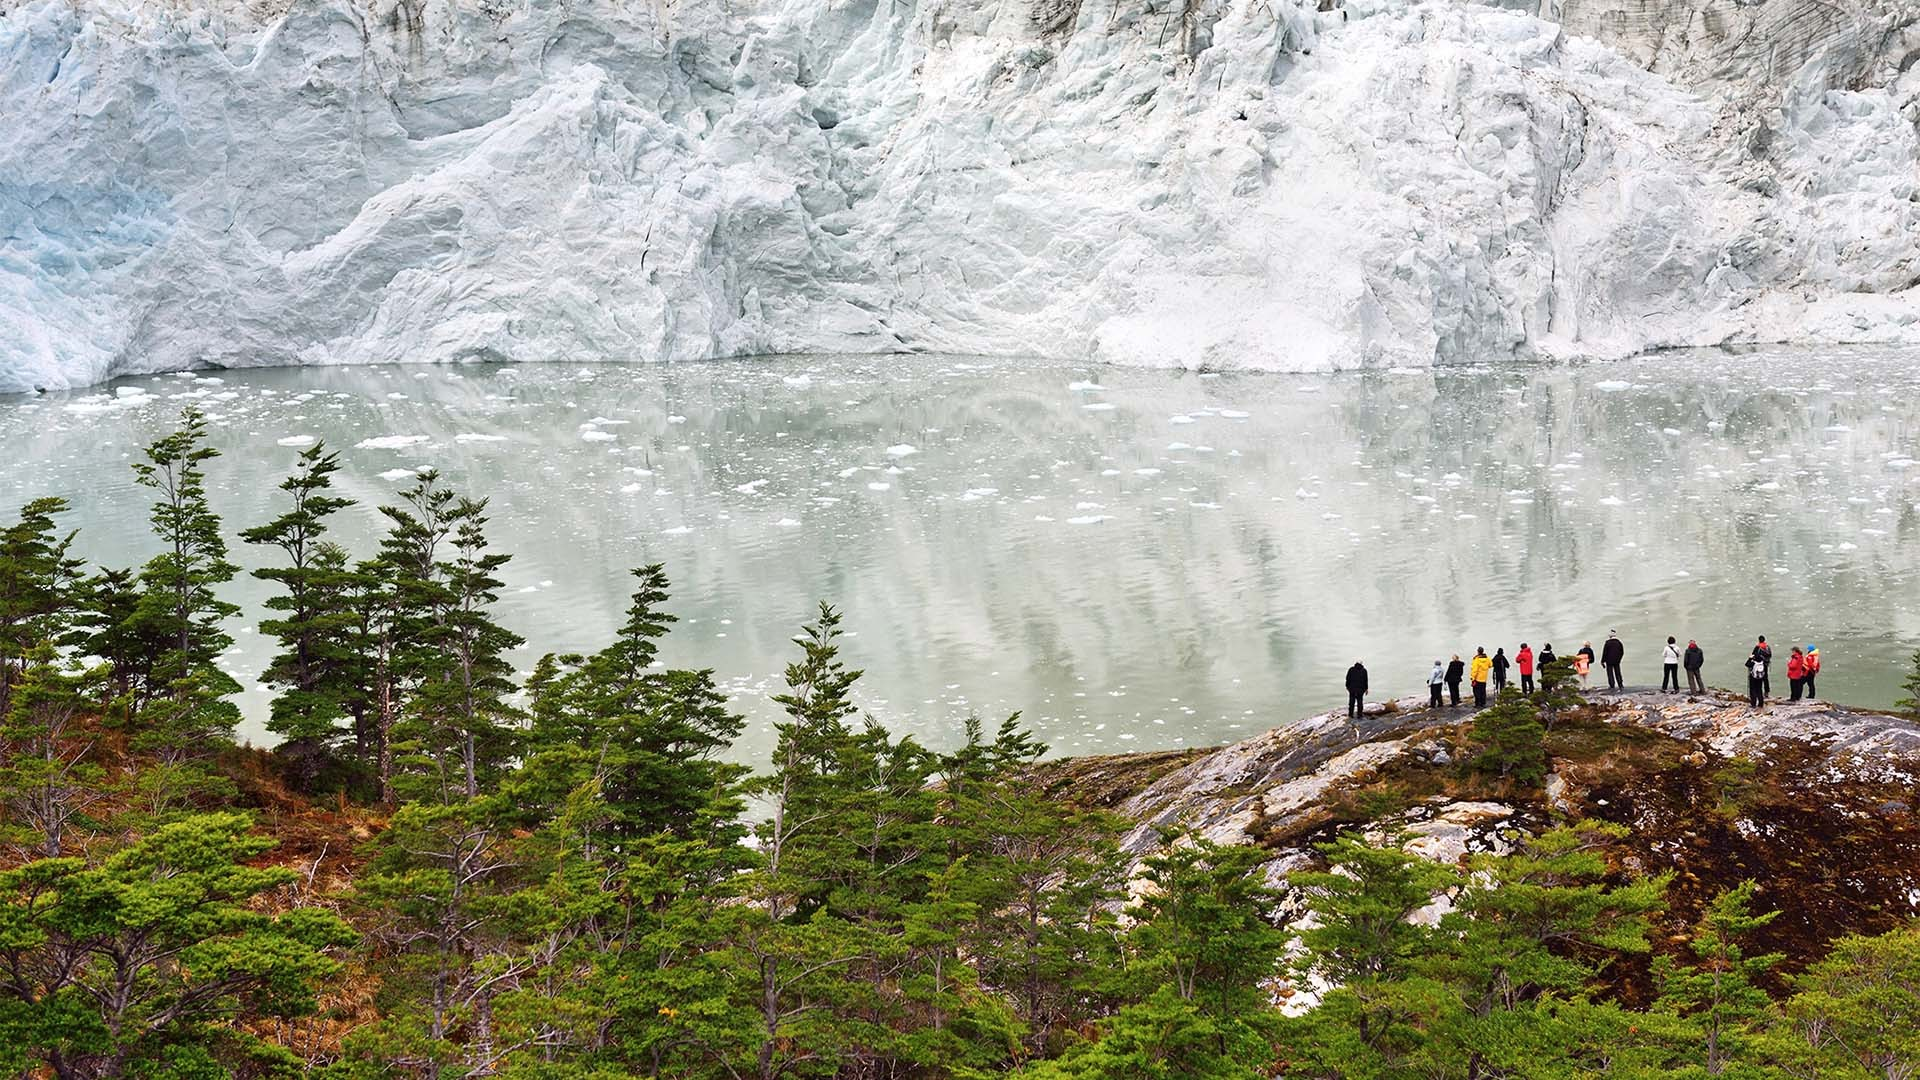 Garibaldi glacier in Tierra del Fuego, Patagonia